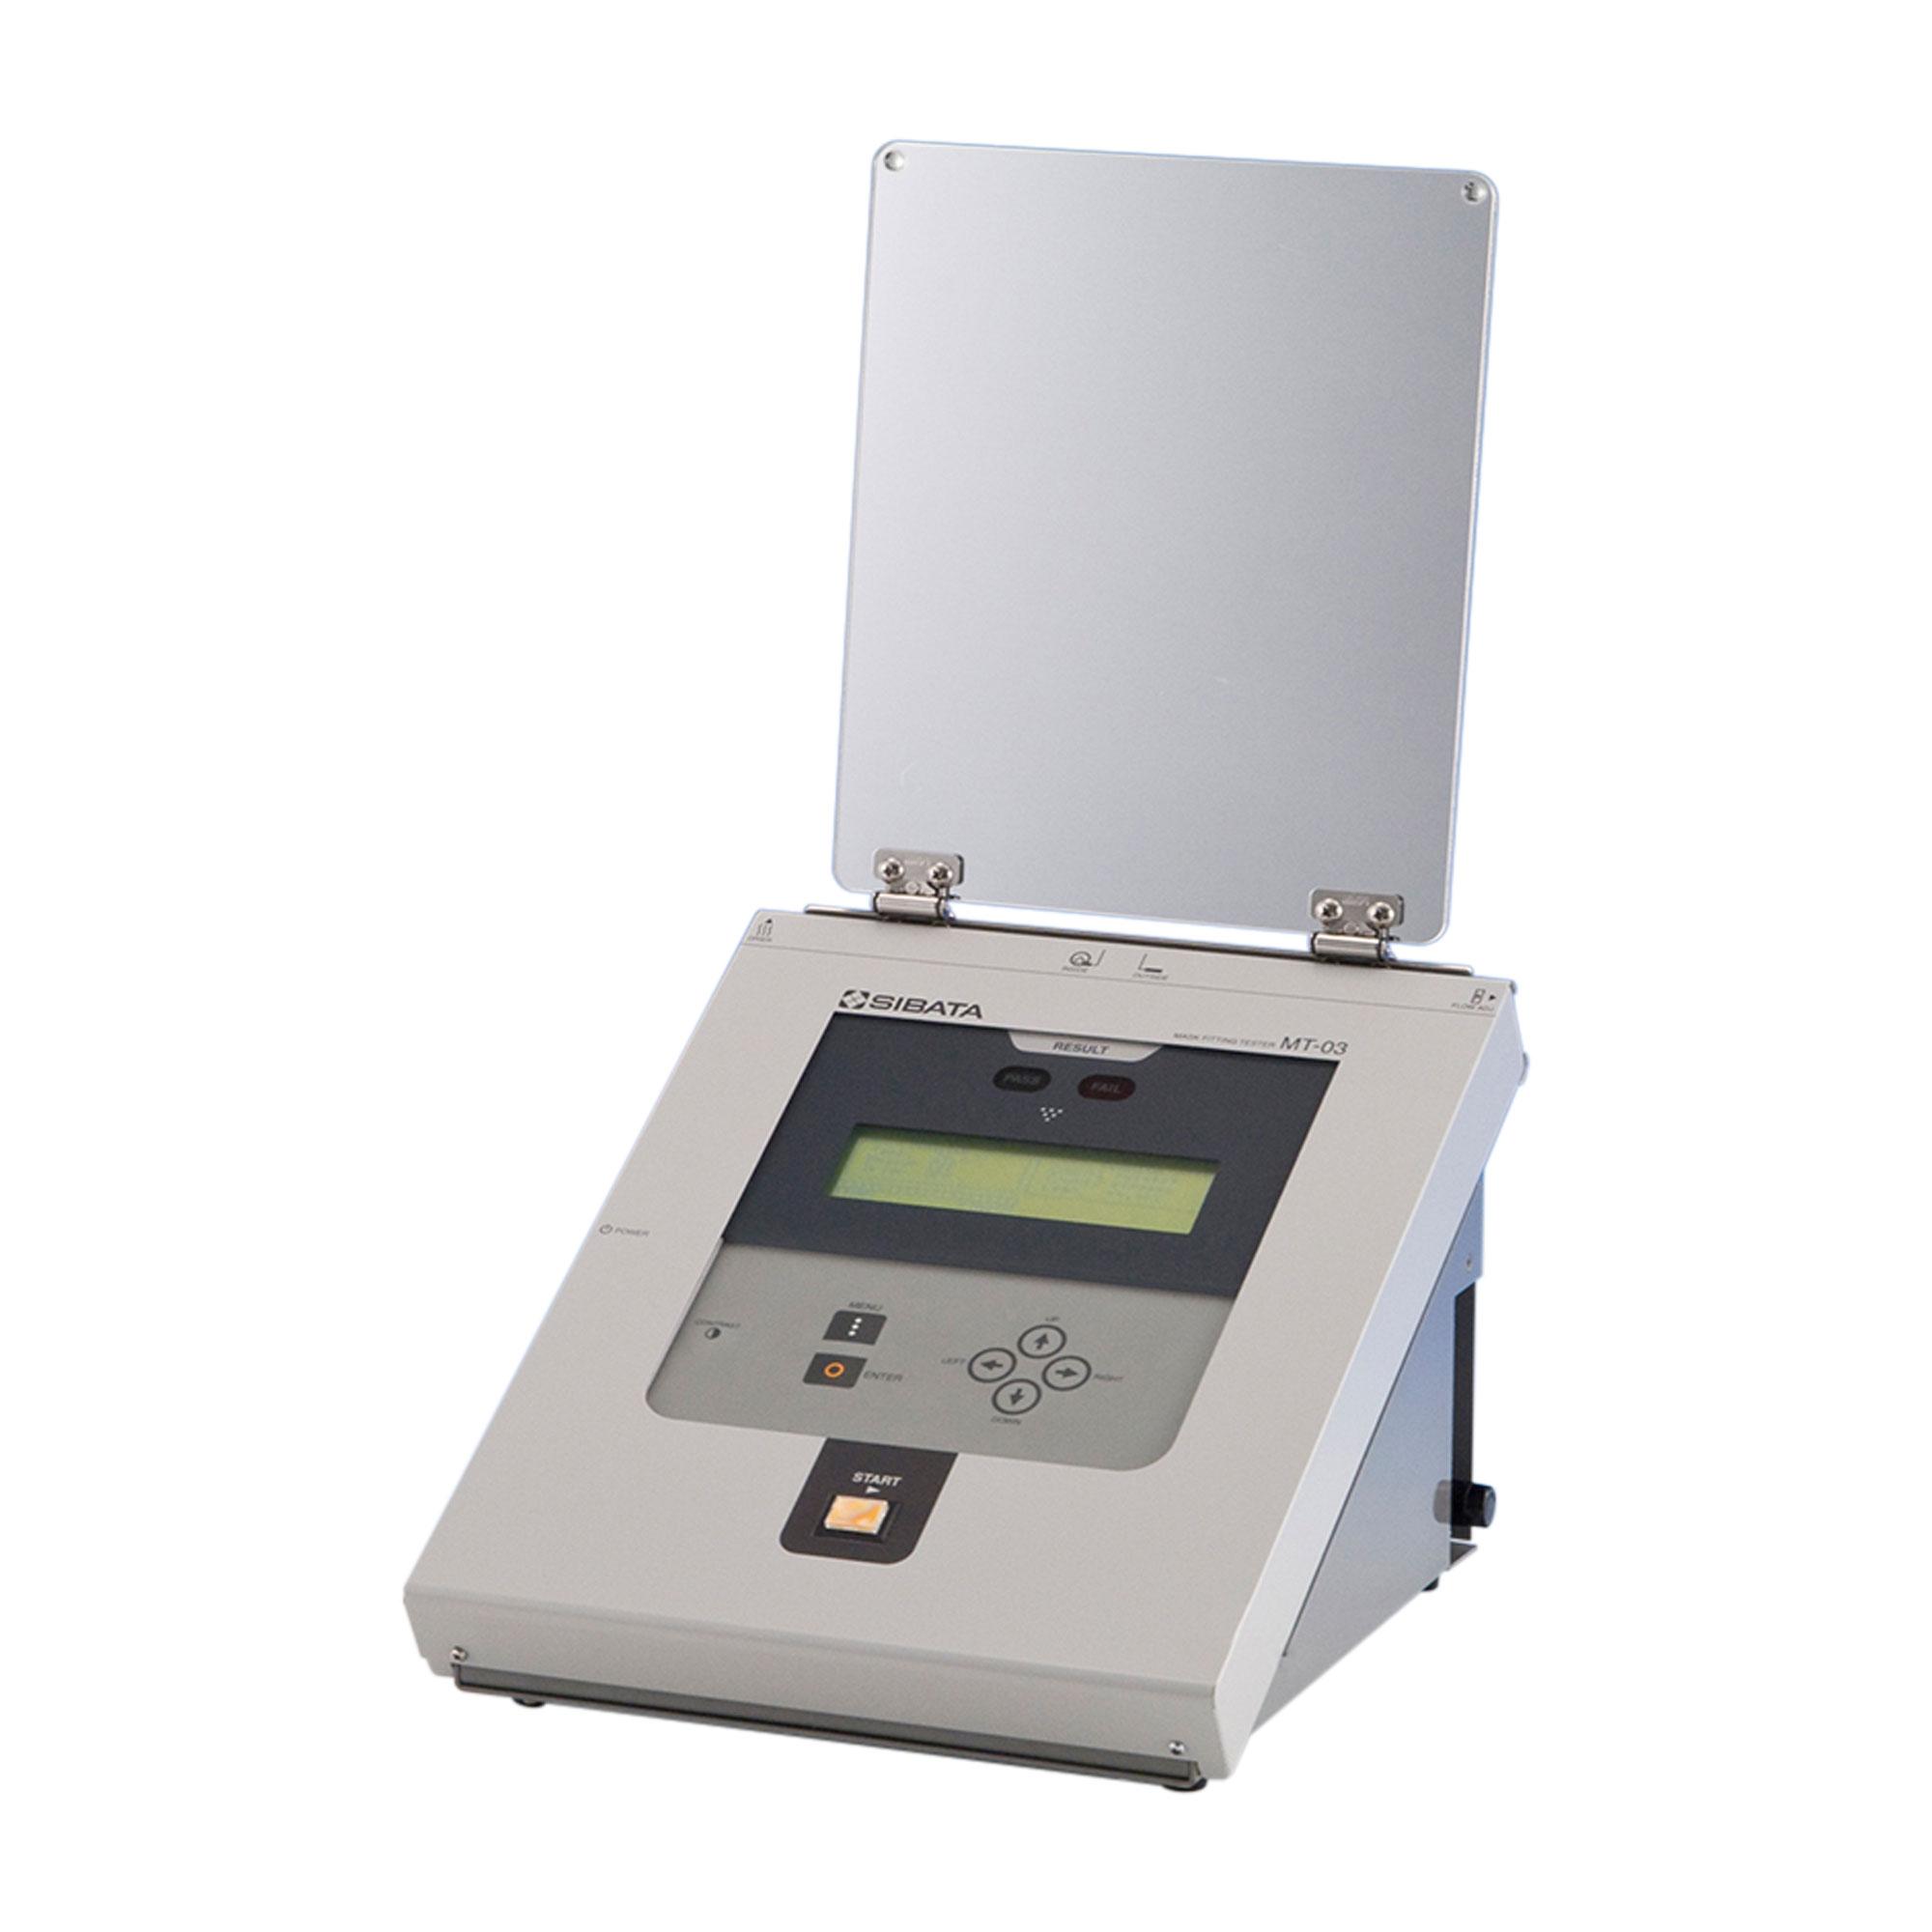 販売中止:労研式マスクフィッティングテスター MT-03型(後継:MT-05U型)